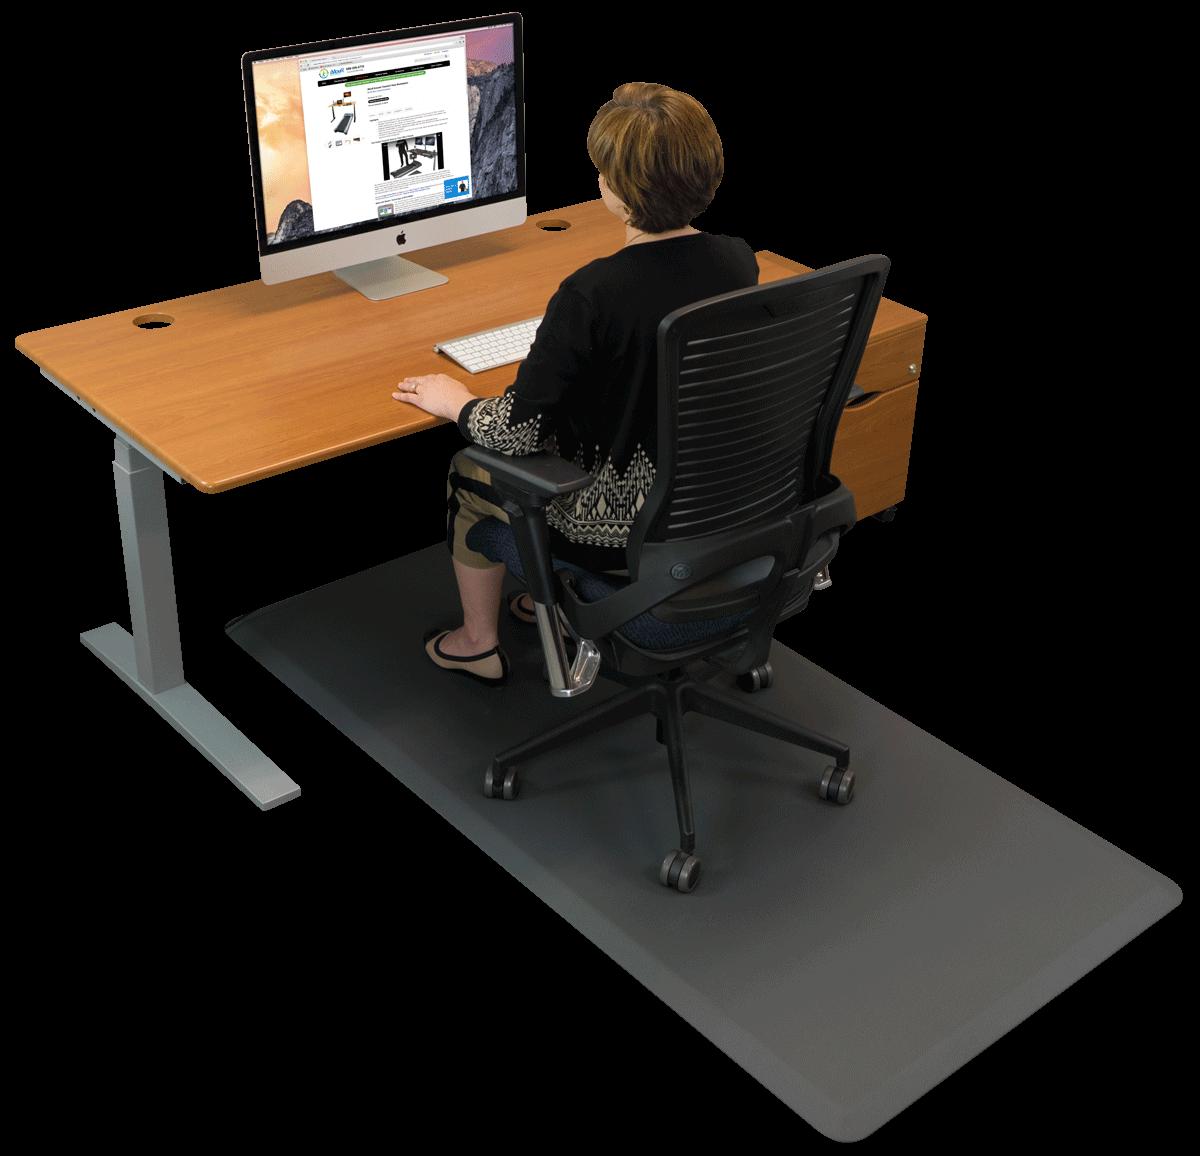 Standing Desk Anti Fatigue Comfort Floor Mat The Best